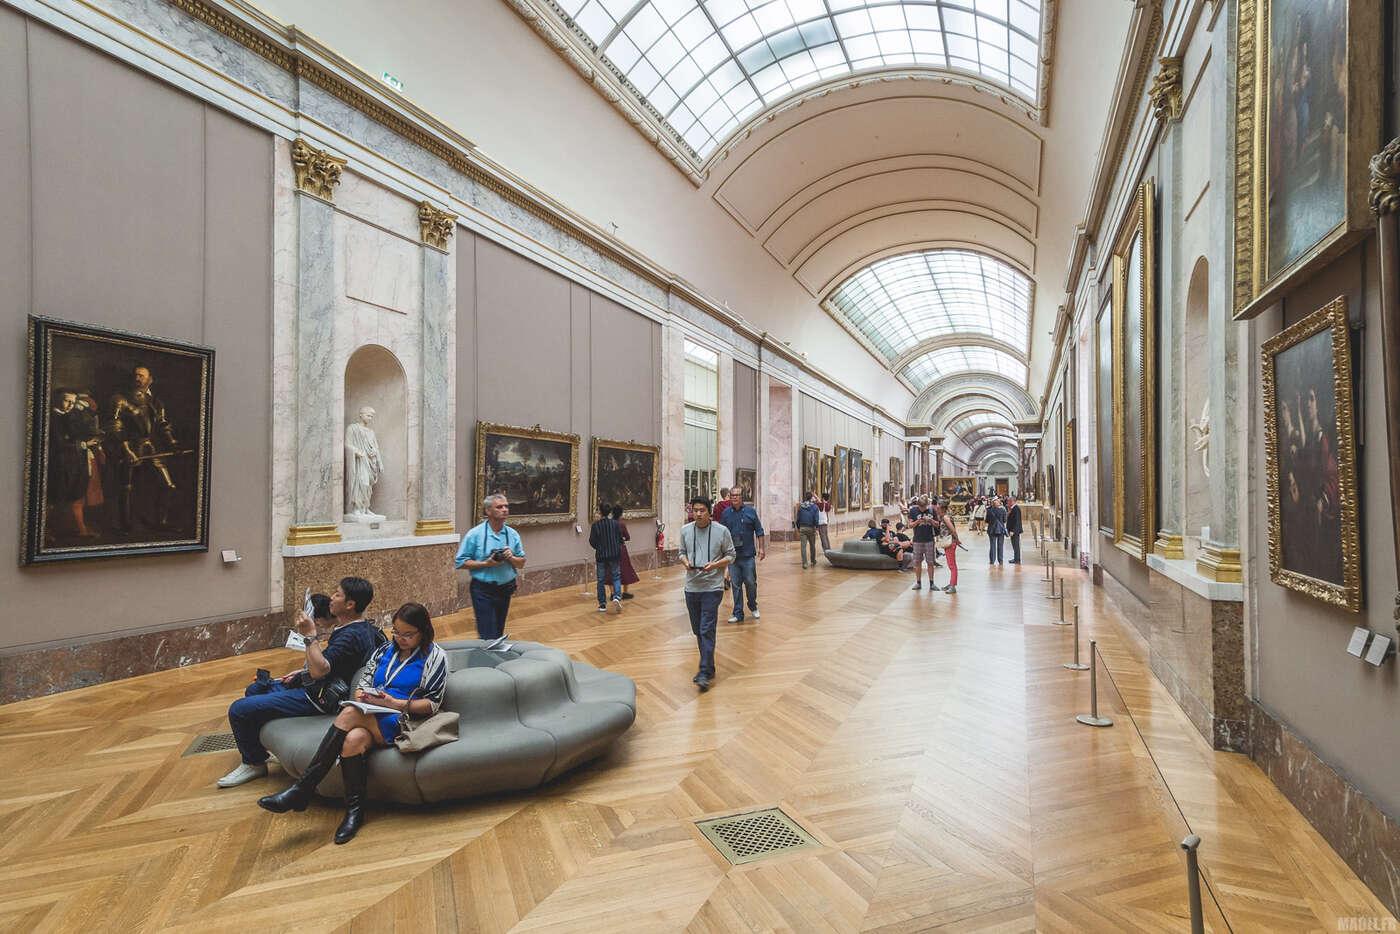 Galerie de peintures du Louvre